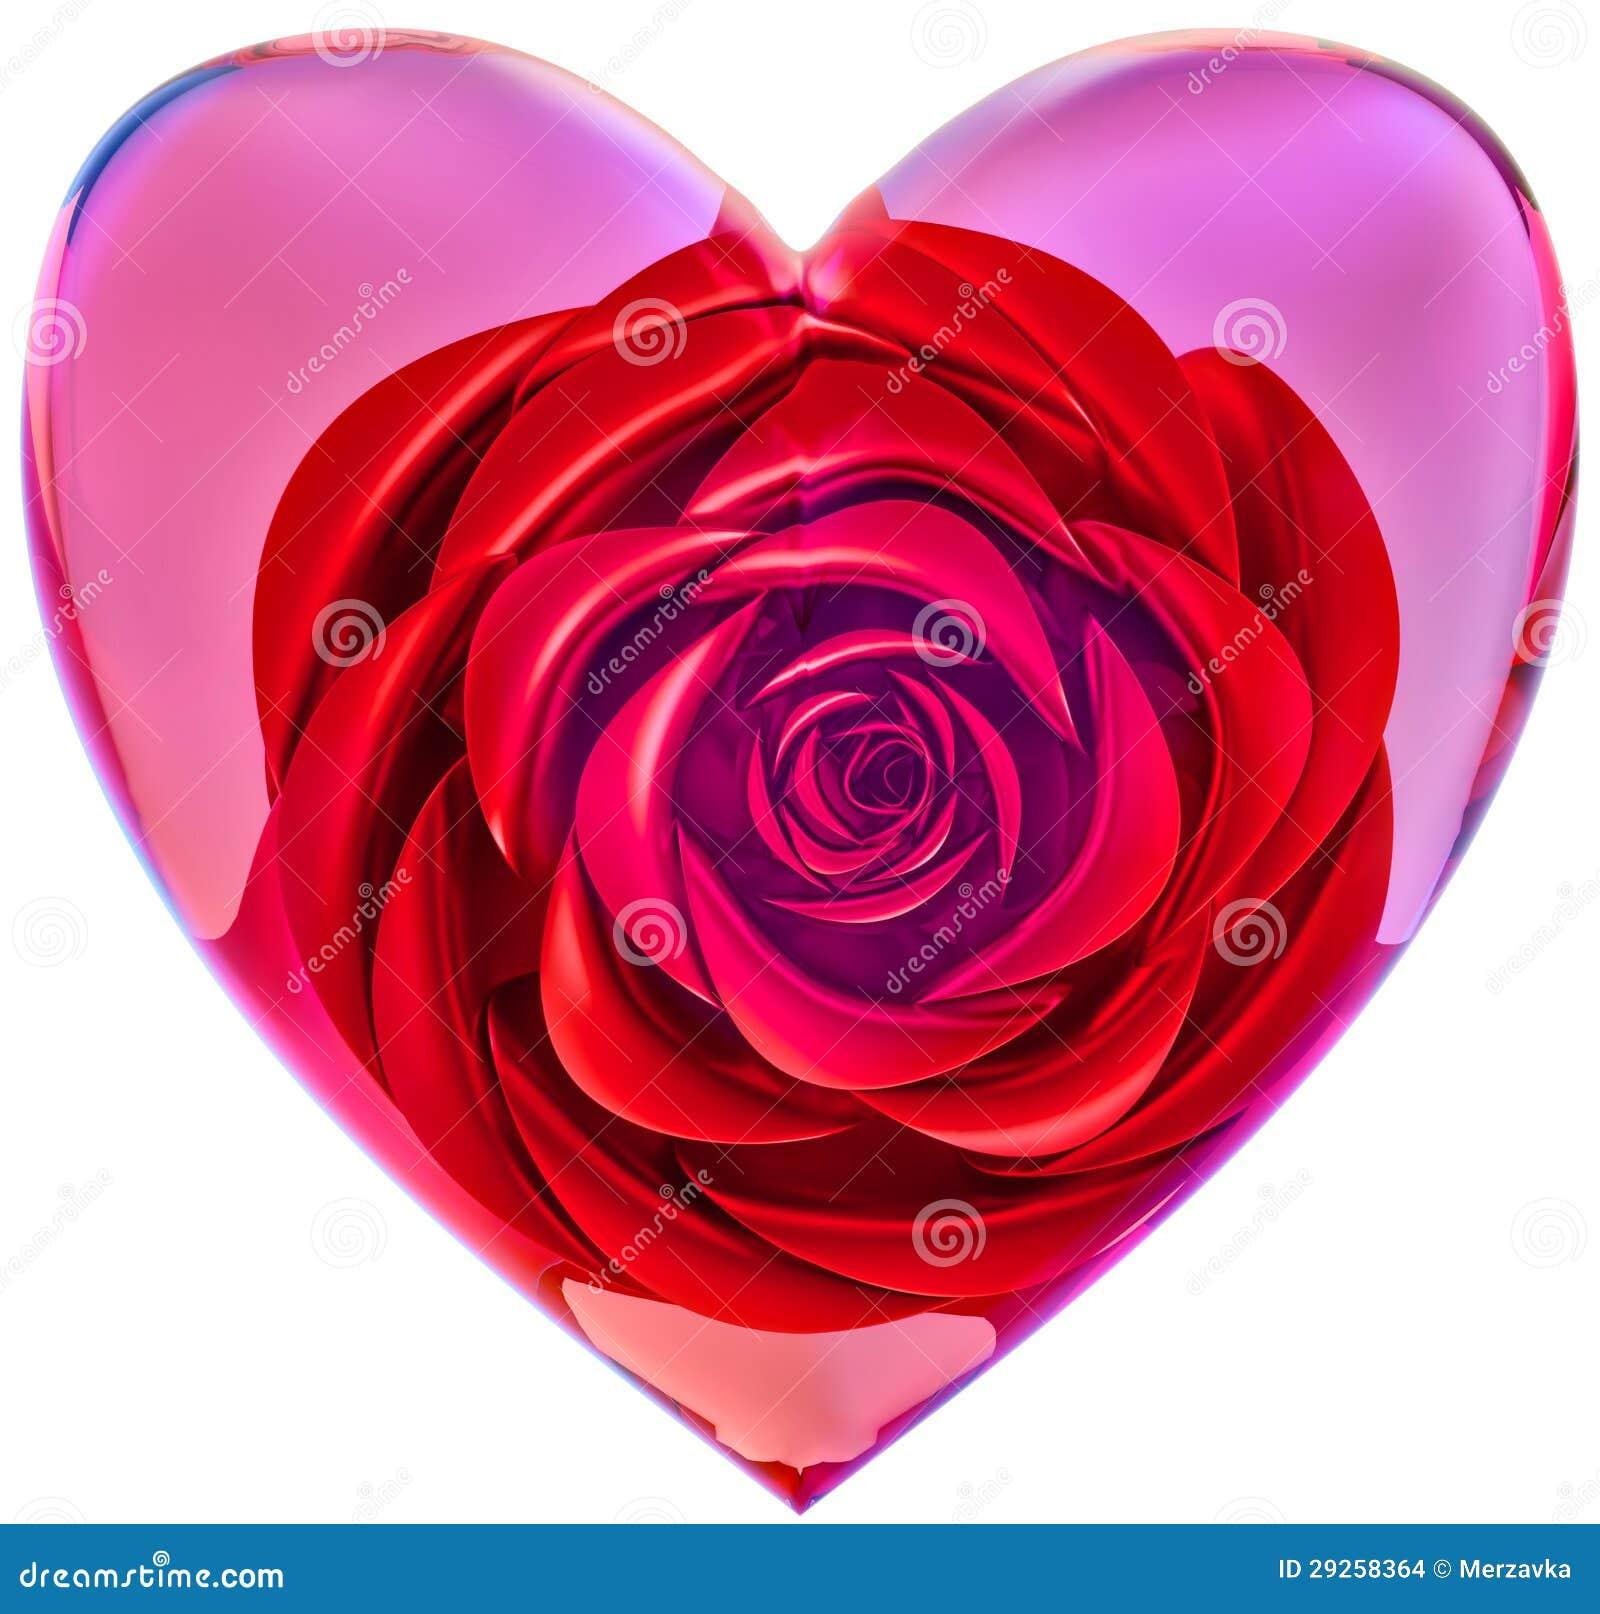 Rose de rouge au coeur en verre pour la saint valentin illustration stock illustration du - Coeur pour la saint valentin ...